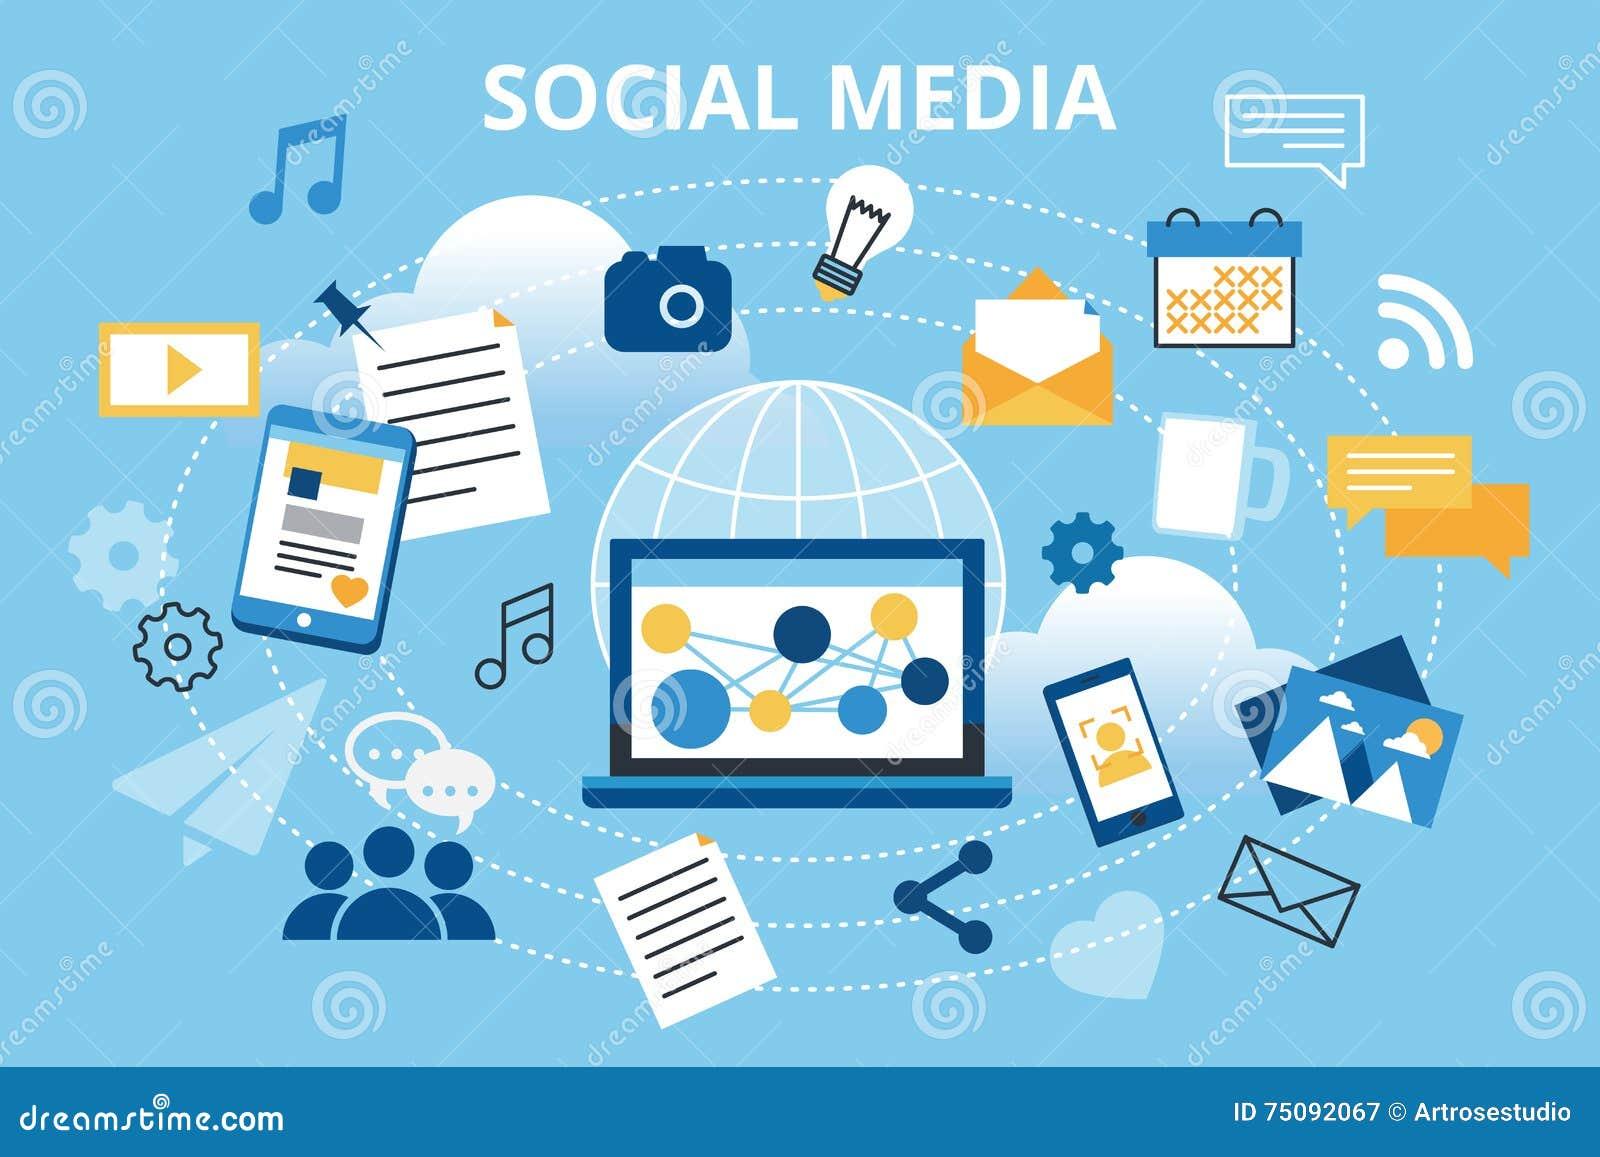 Moderne flache Designvektorillustration, Konzept des Social Media, Social Networking, Netz communtity und Aufgabennachrichten